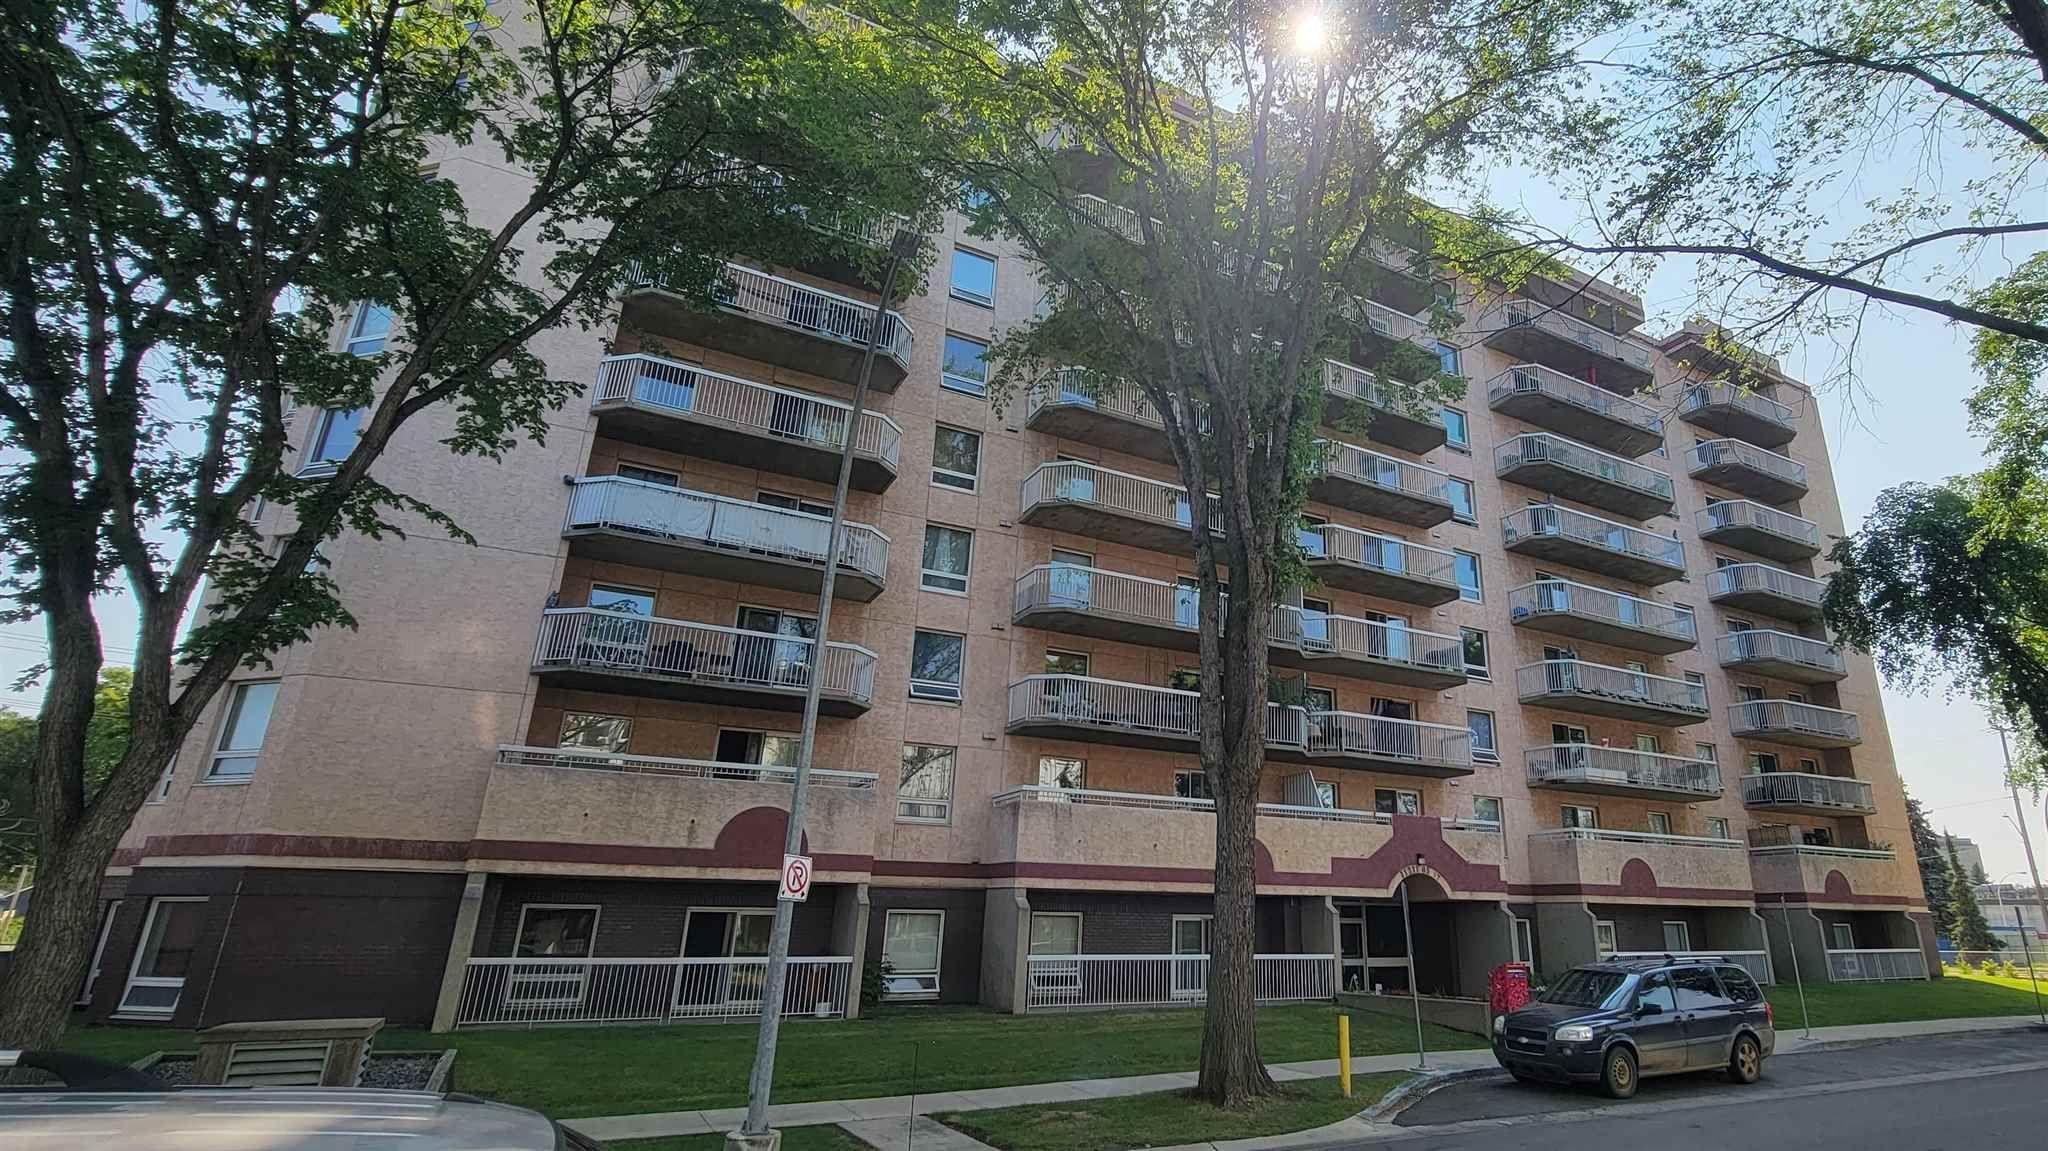 Main Photo: 201 11211 85 Street in Edmonton: Zone 05 Condo for sale : MLS®# E4256236